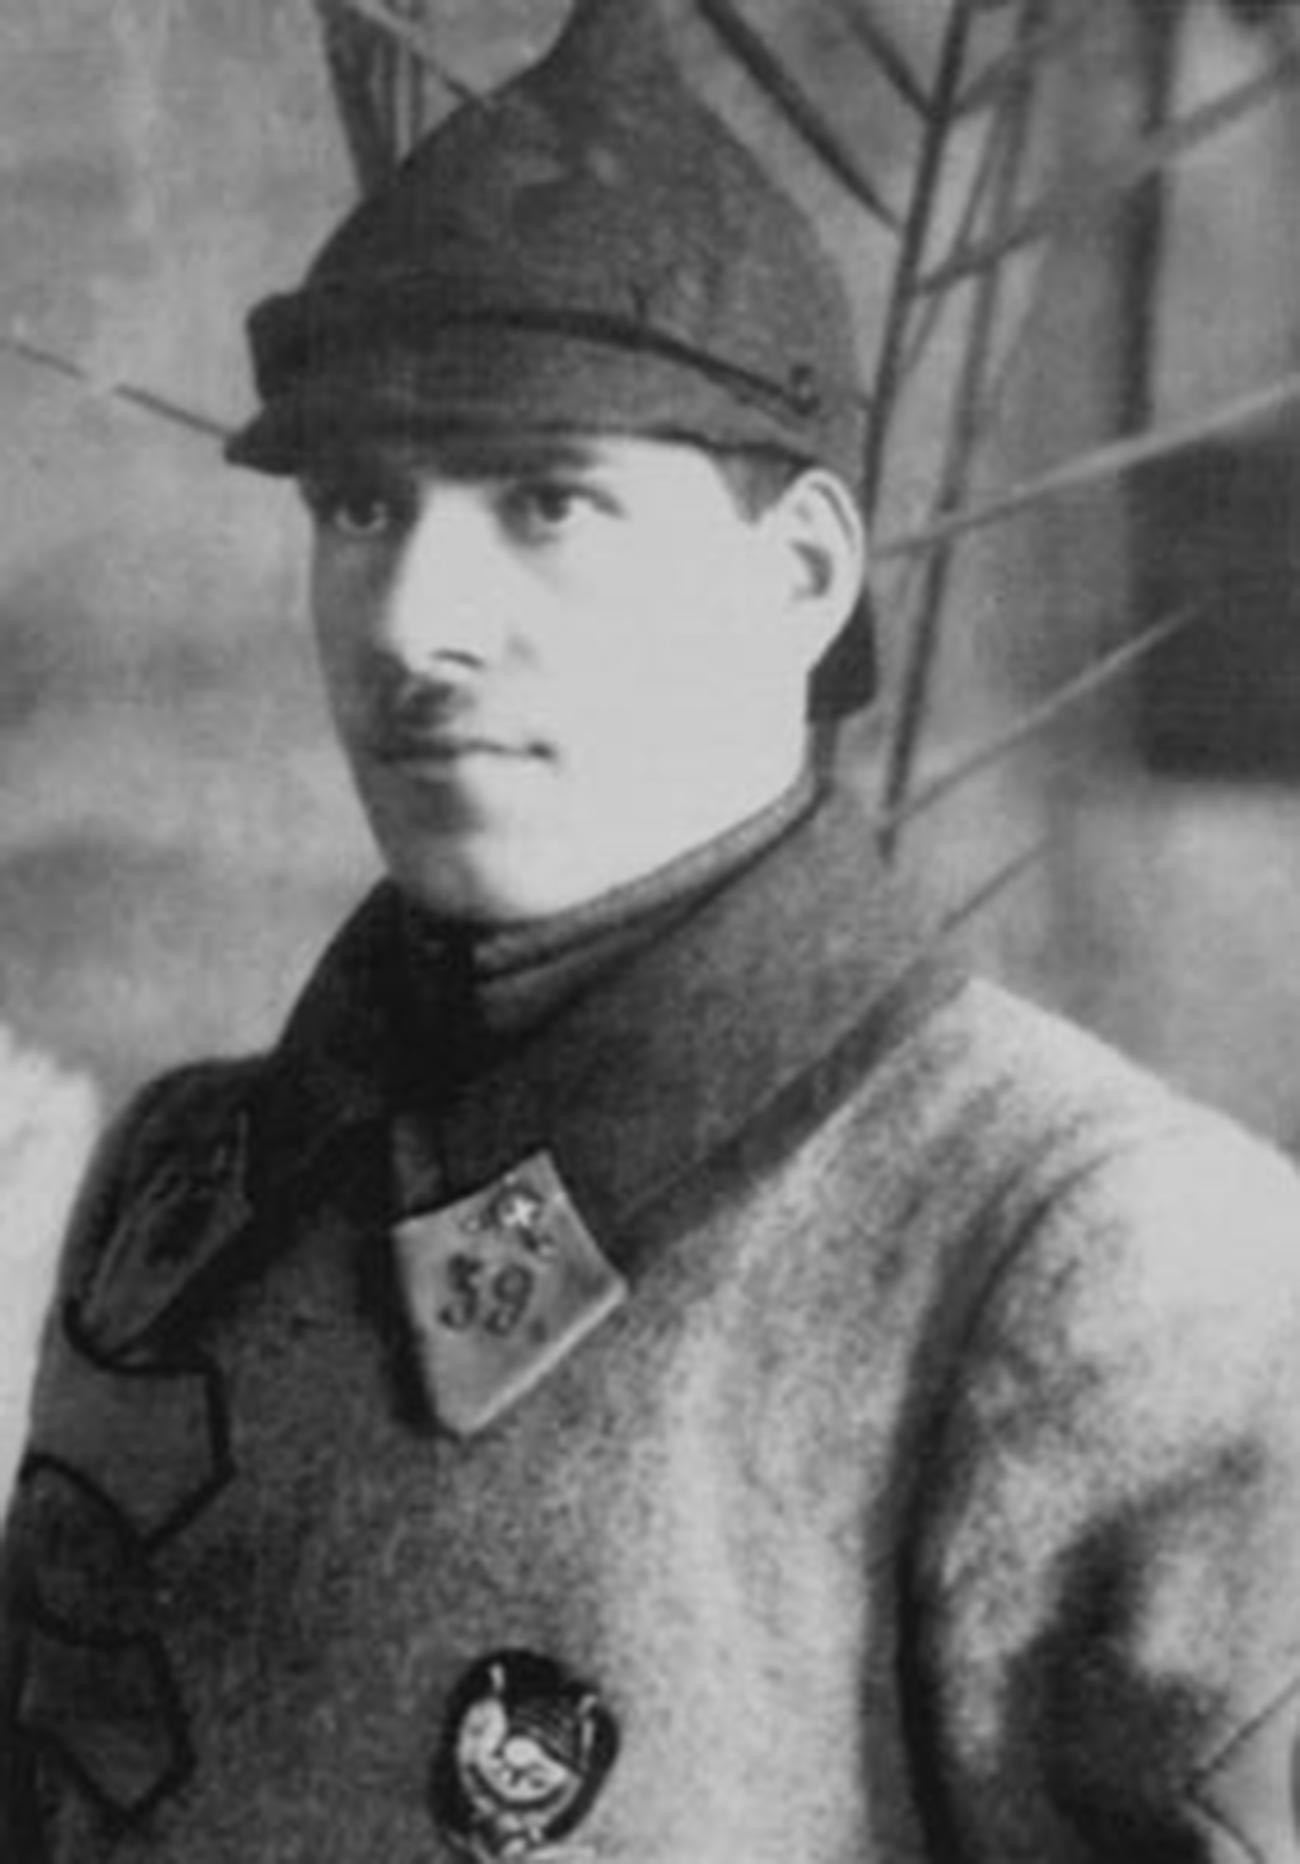 Георгий Жуков, 1923